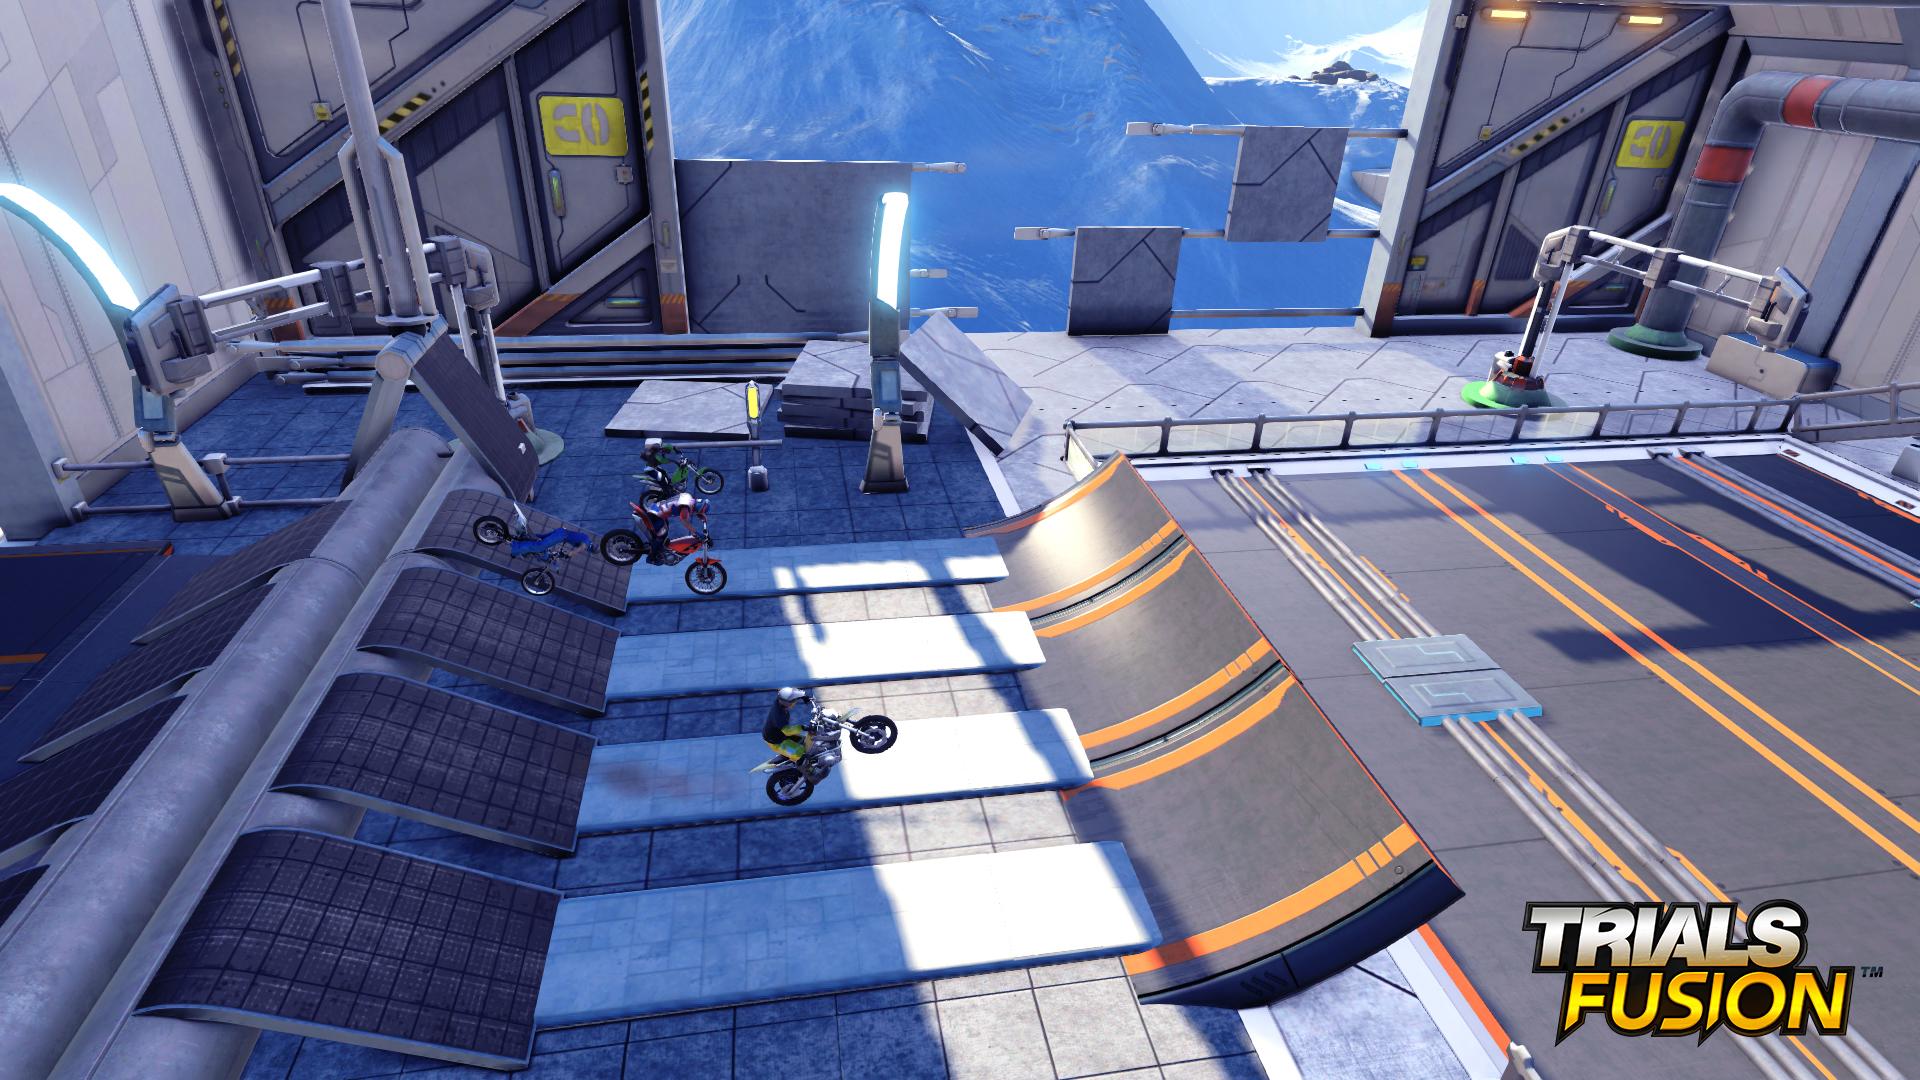 Bláznivé skoky v Trials Fusion 93975